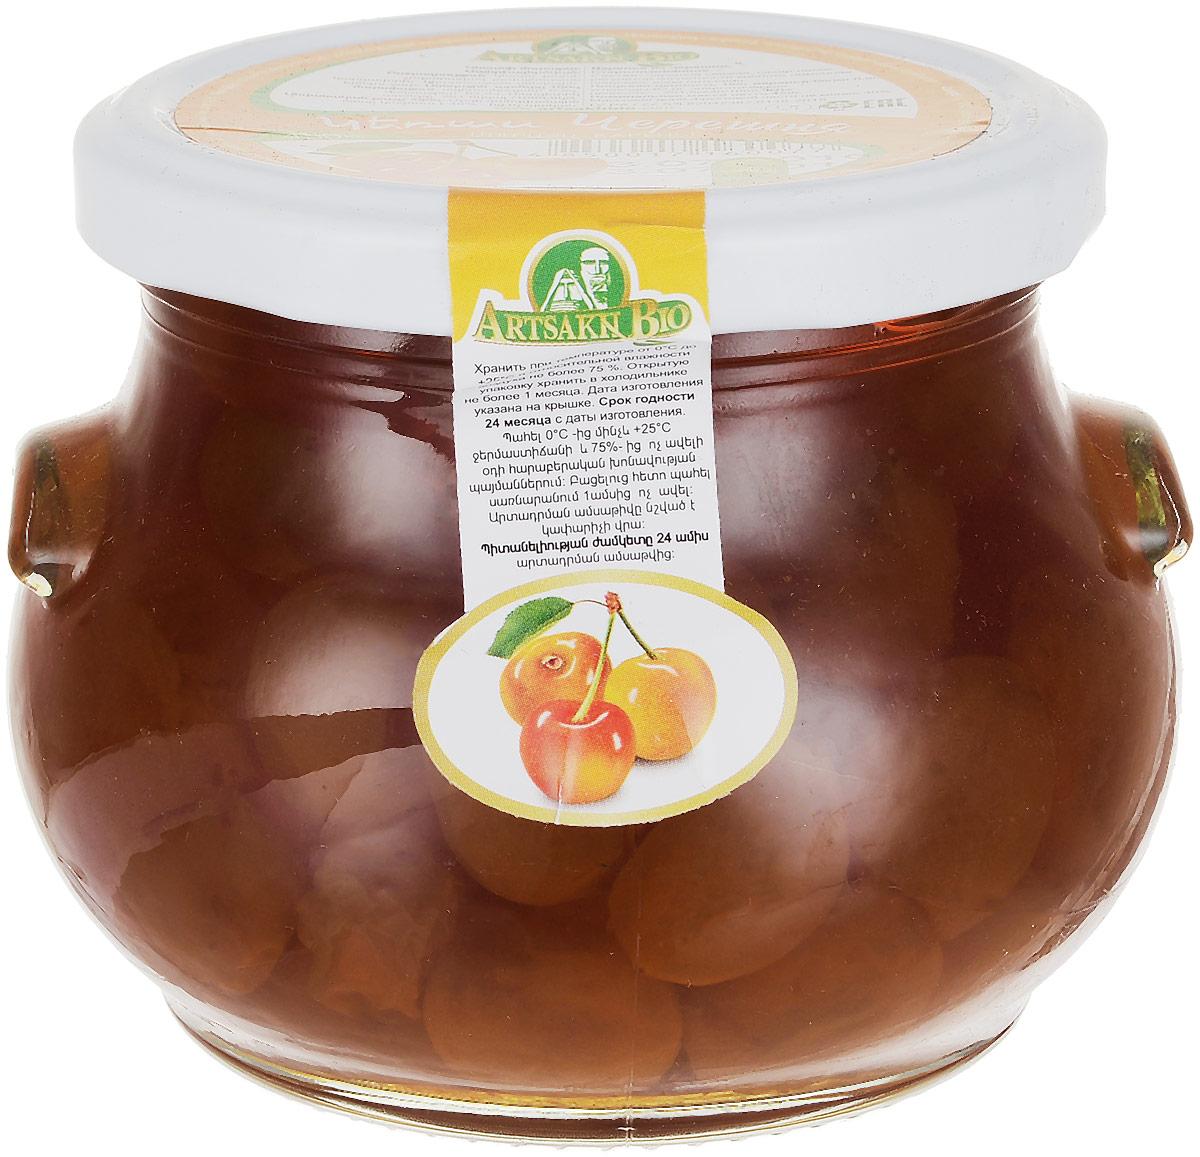 Artsakh Bio варенье из черешни, 450 г0120710Черешня пользуется огромной популярностью. Это прародительница вишни. Плоды черешни имеют сердцевидную форму. Окраска светлая желтая, почти белая.В их состав входят сахар, органические кислоты, микроэлементы, макроэлементы (йод, железо, кальций), витамины А, Е, В, С. Пектиновые вещества, находящиеся в ягоде, благотворно влияют на пищеварение, а антоцианы защищают организм человека от свободных радикалов. Полезные ягоды помогают быстро избавиться от отеков. Варенье Artsakh Bio очень вкусное, янтарного цвета.Уважаемые клиенты! Обращаем ваше внимание, что полный перечень состава продукта представлен на дополнительном изображении.